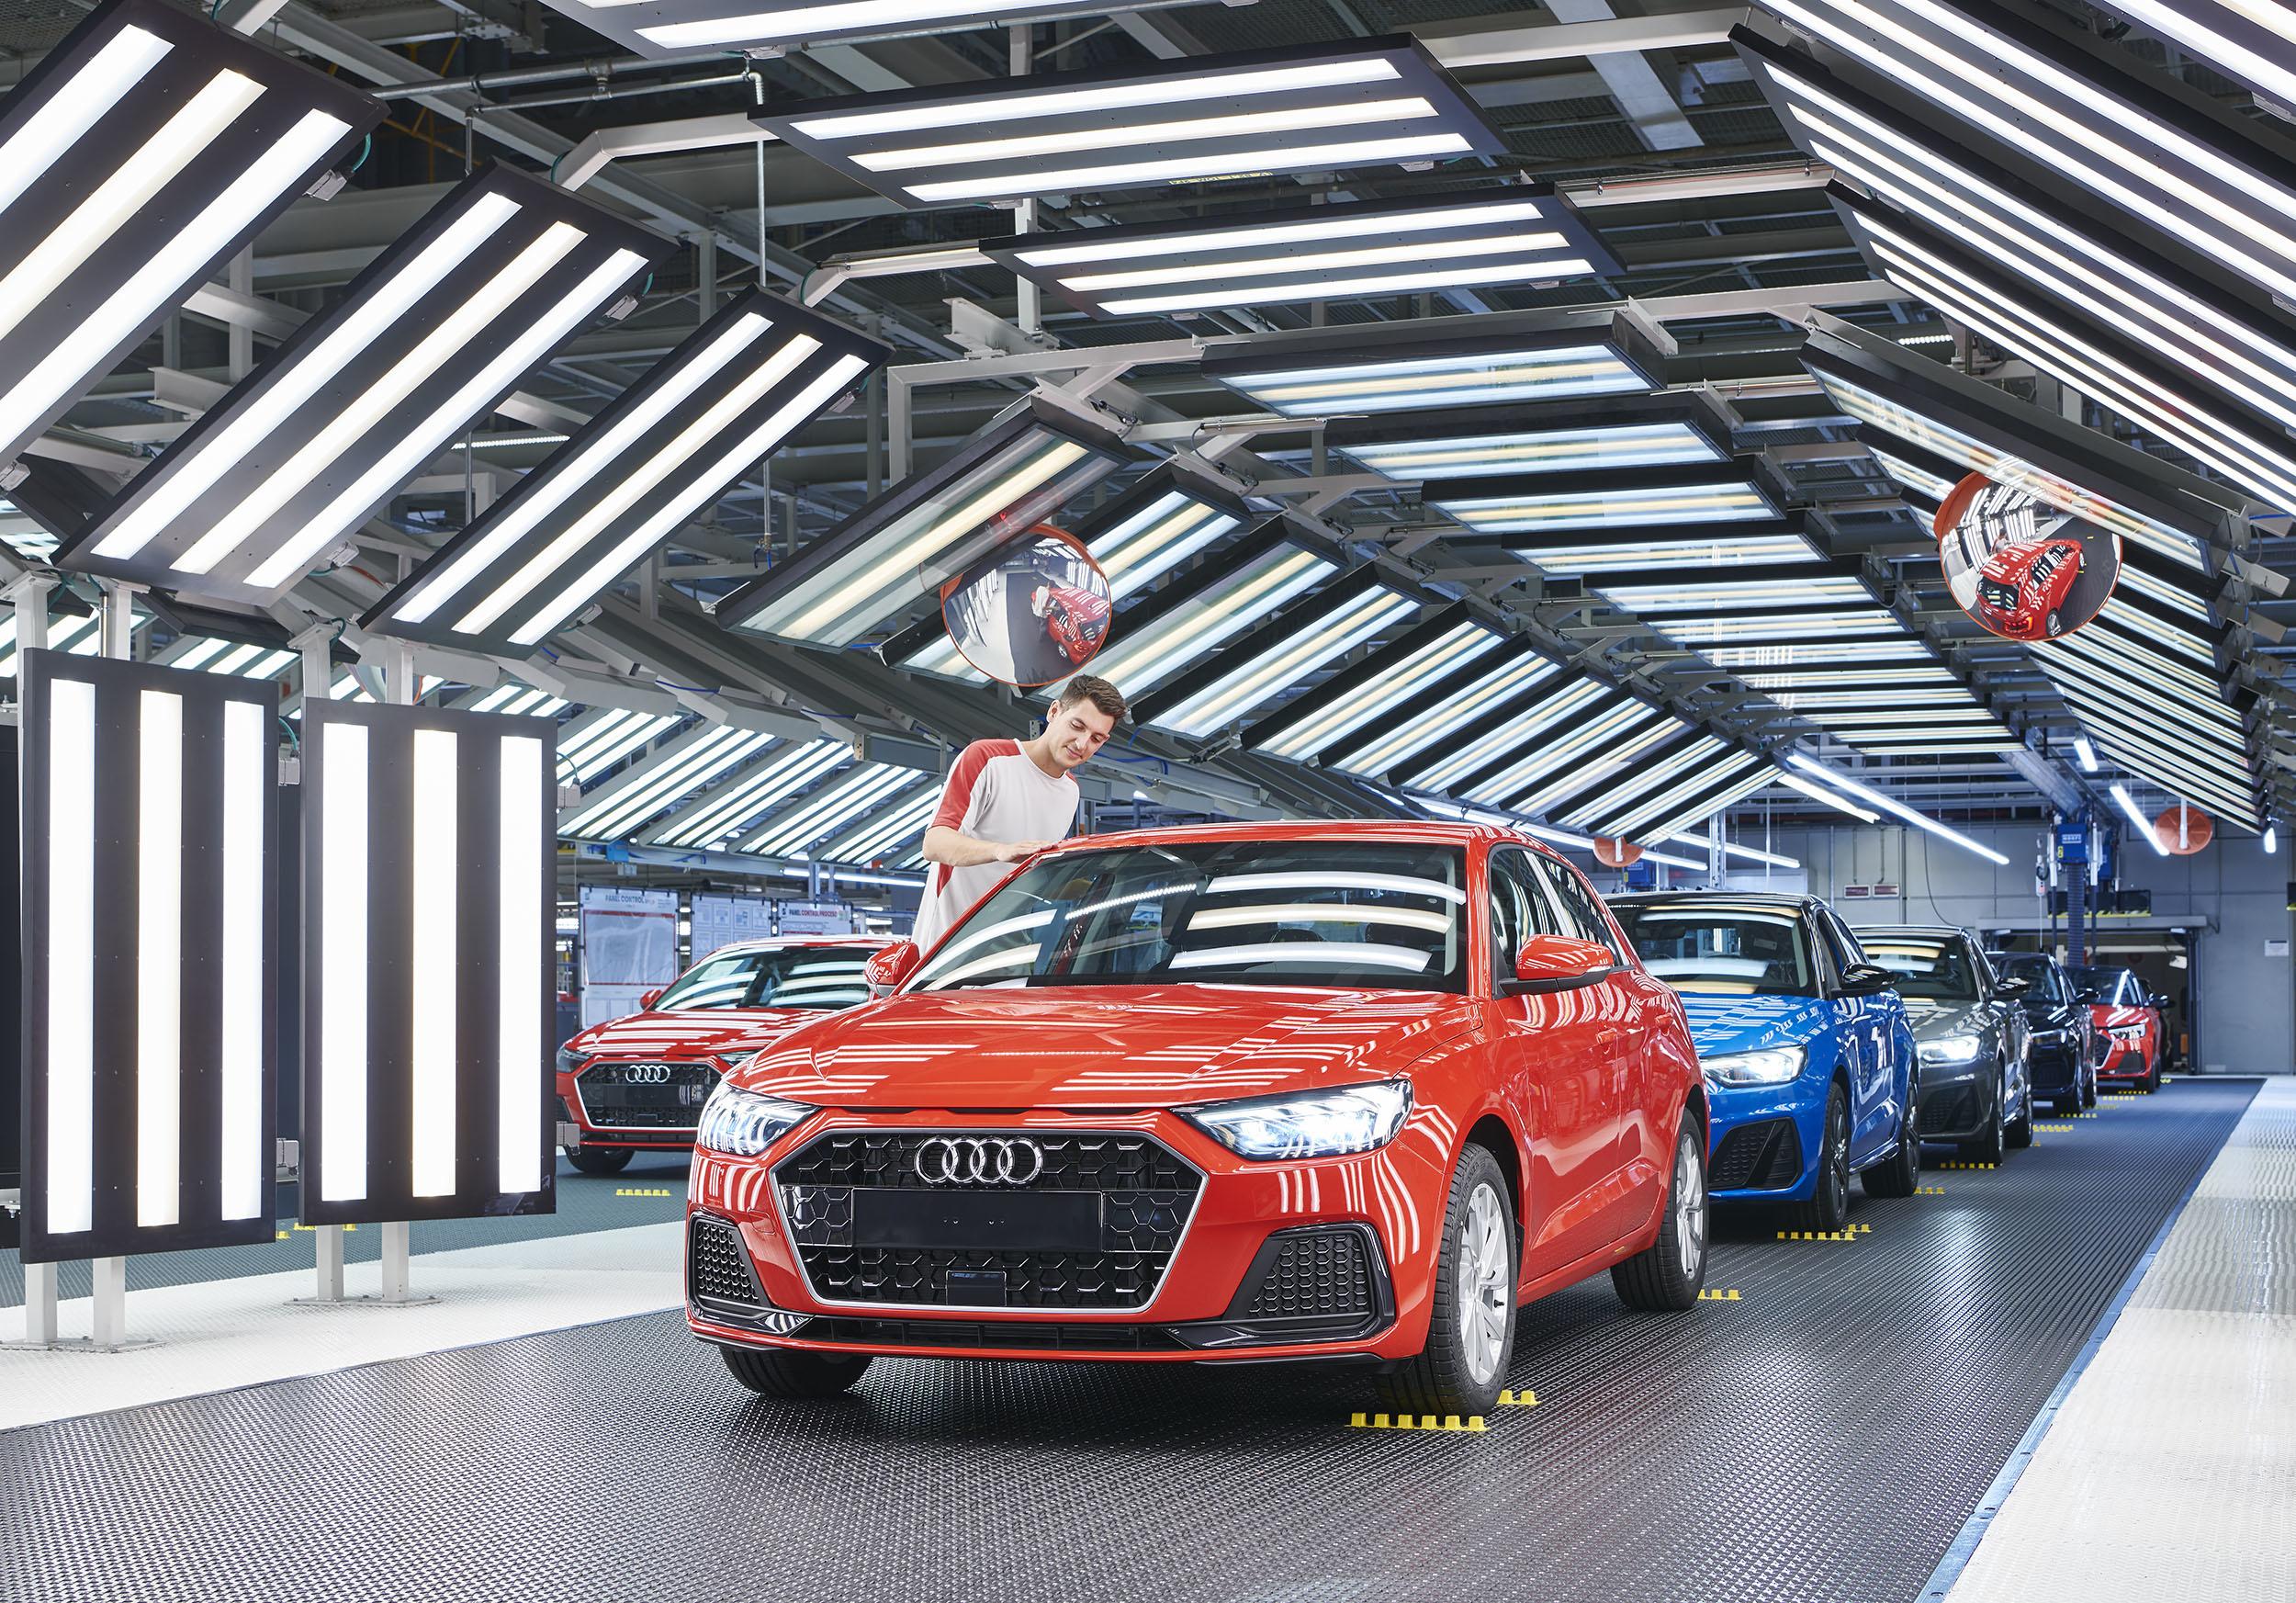 W fabryce Seata w Martorell ruszyła produkcja Audi A1